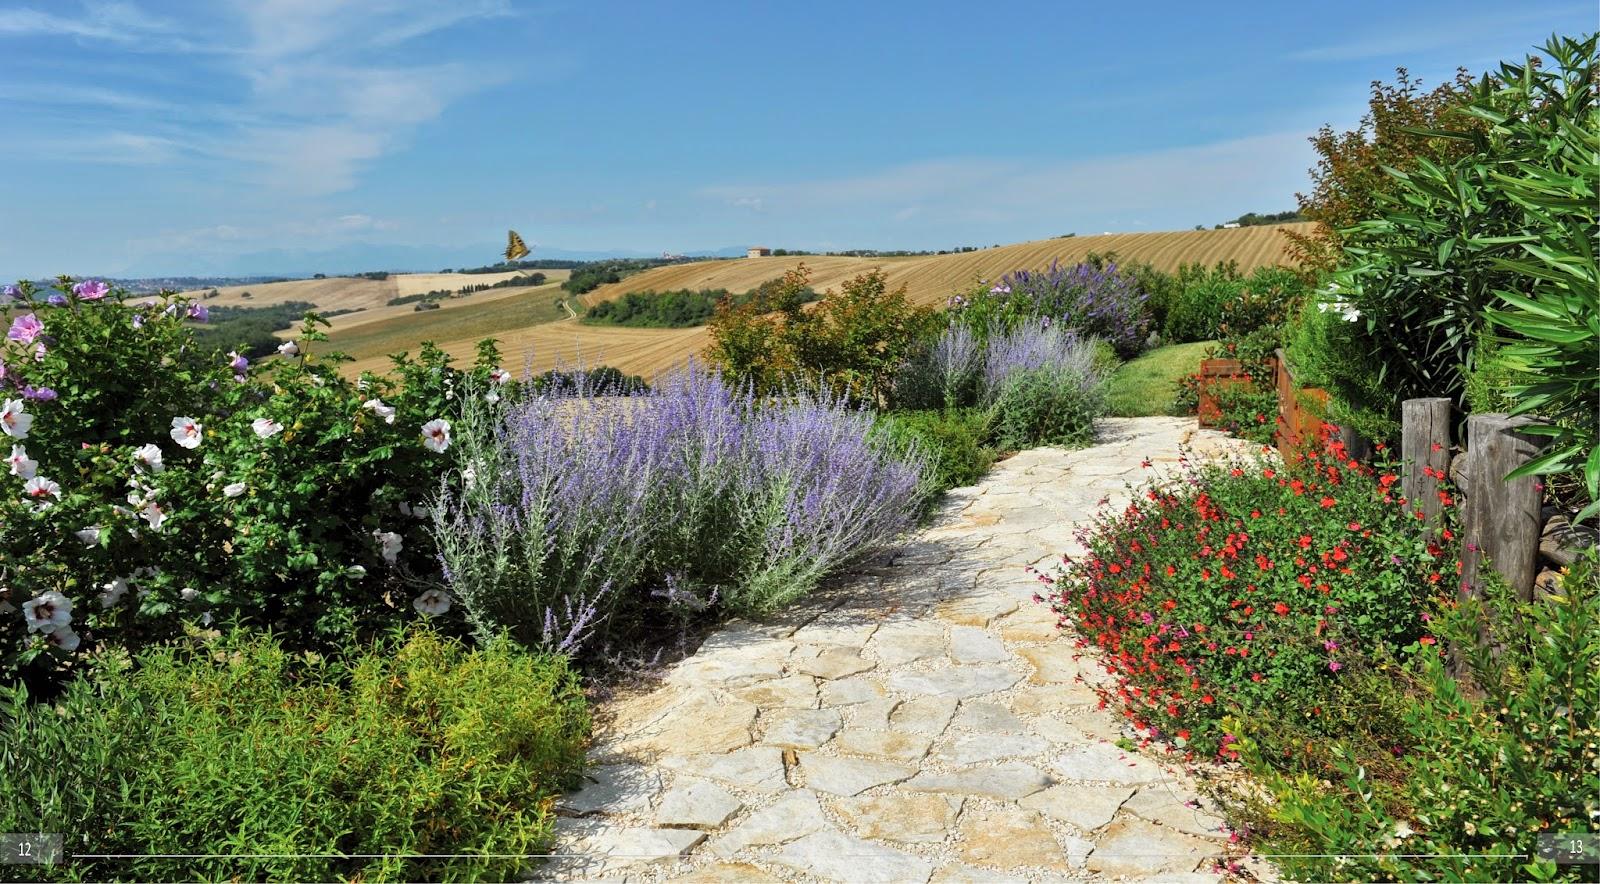 Giardini da vivere di luigina giordani for Giardini mediterranei